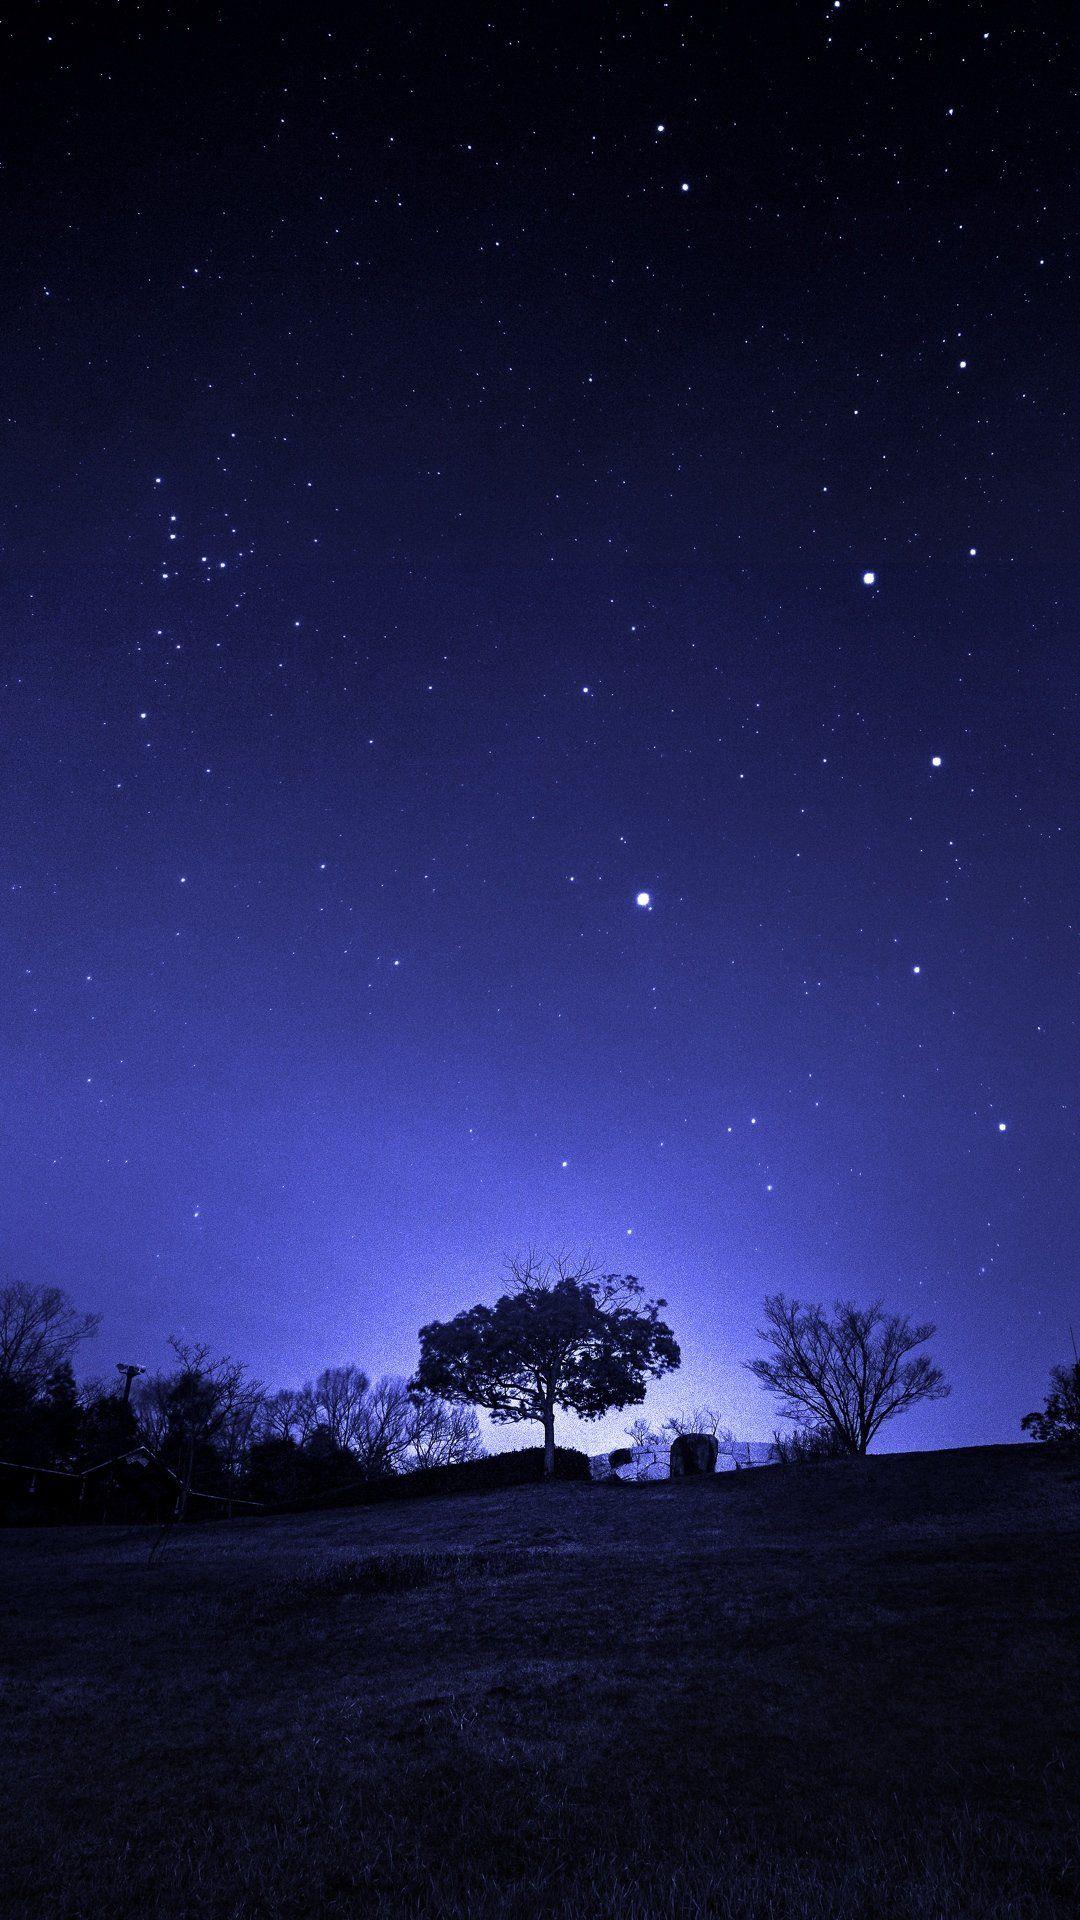 星空 Iphone8 スマホ壁紙 待受画像ギャラリー 風景 夜空 イラスト